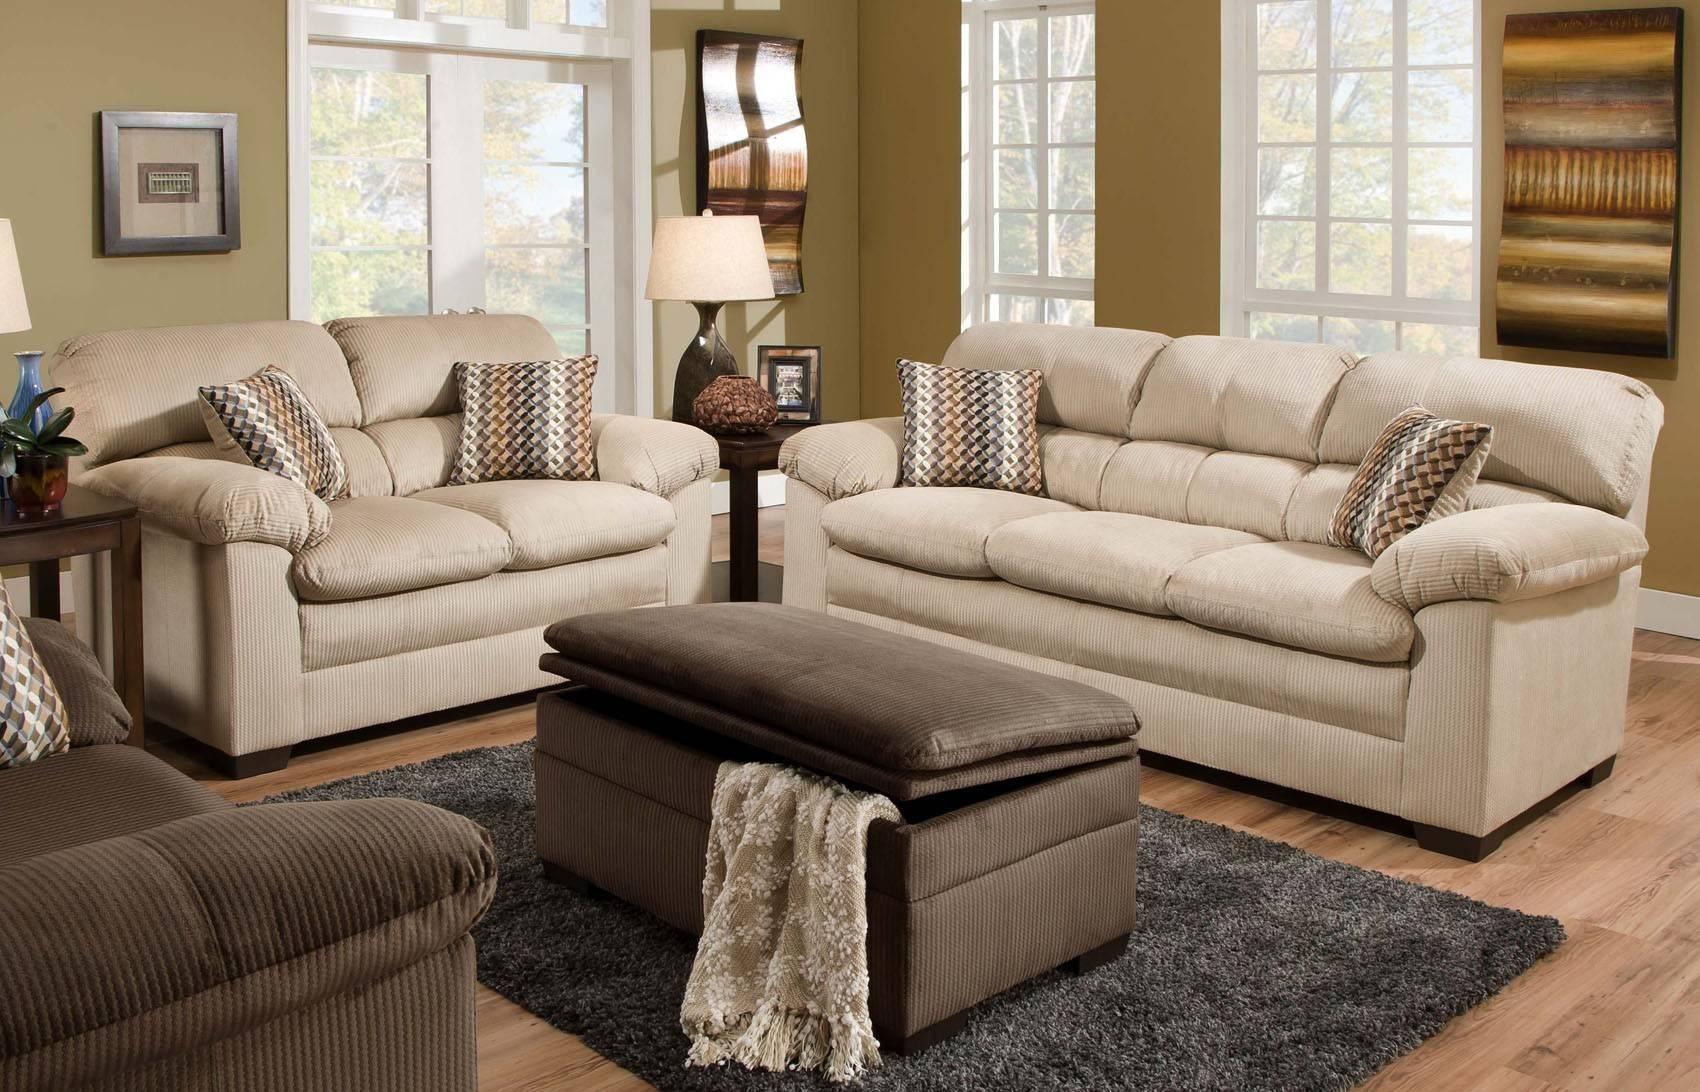 Lakewood Oversized Sofa & Loveseat Set (Beige) | Orange County, Ca throughout Oversized Sofa Chairs (Image 8 of 15)